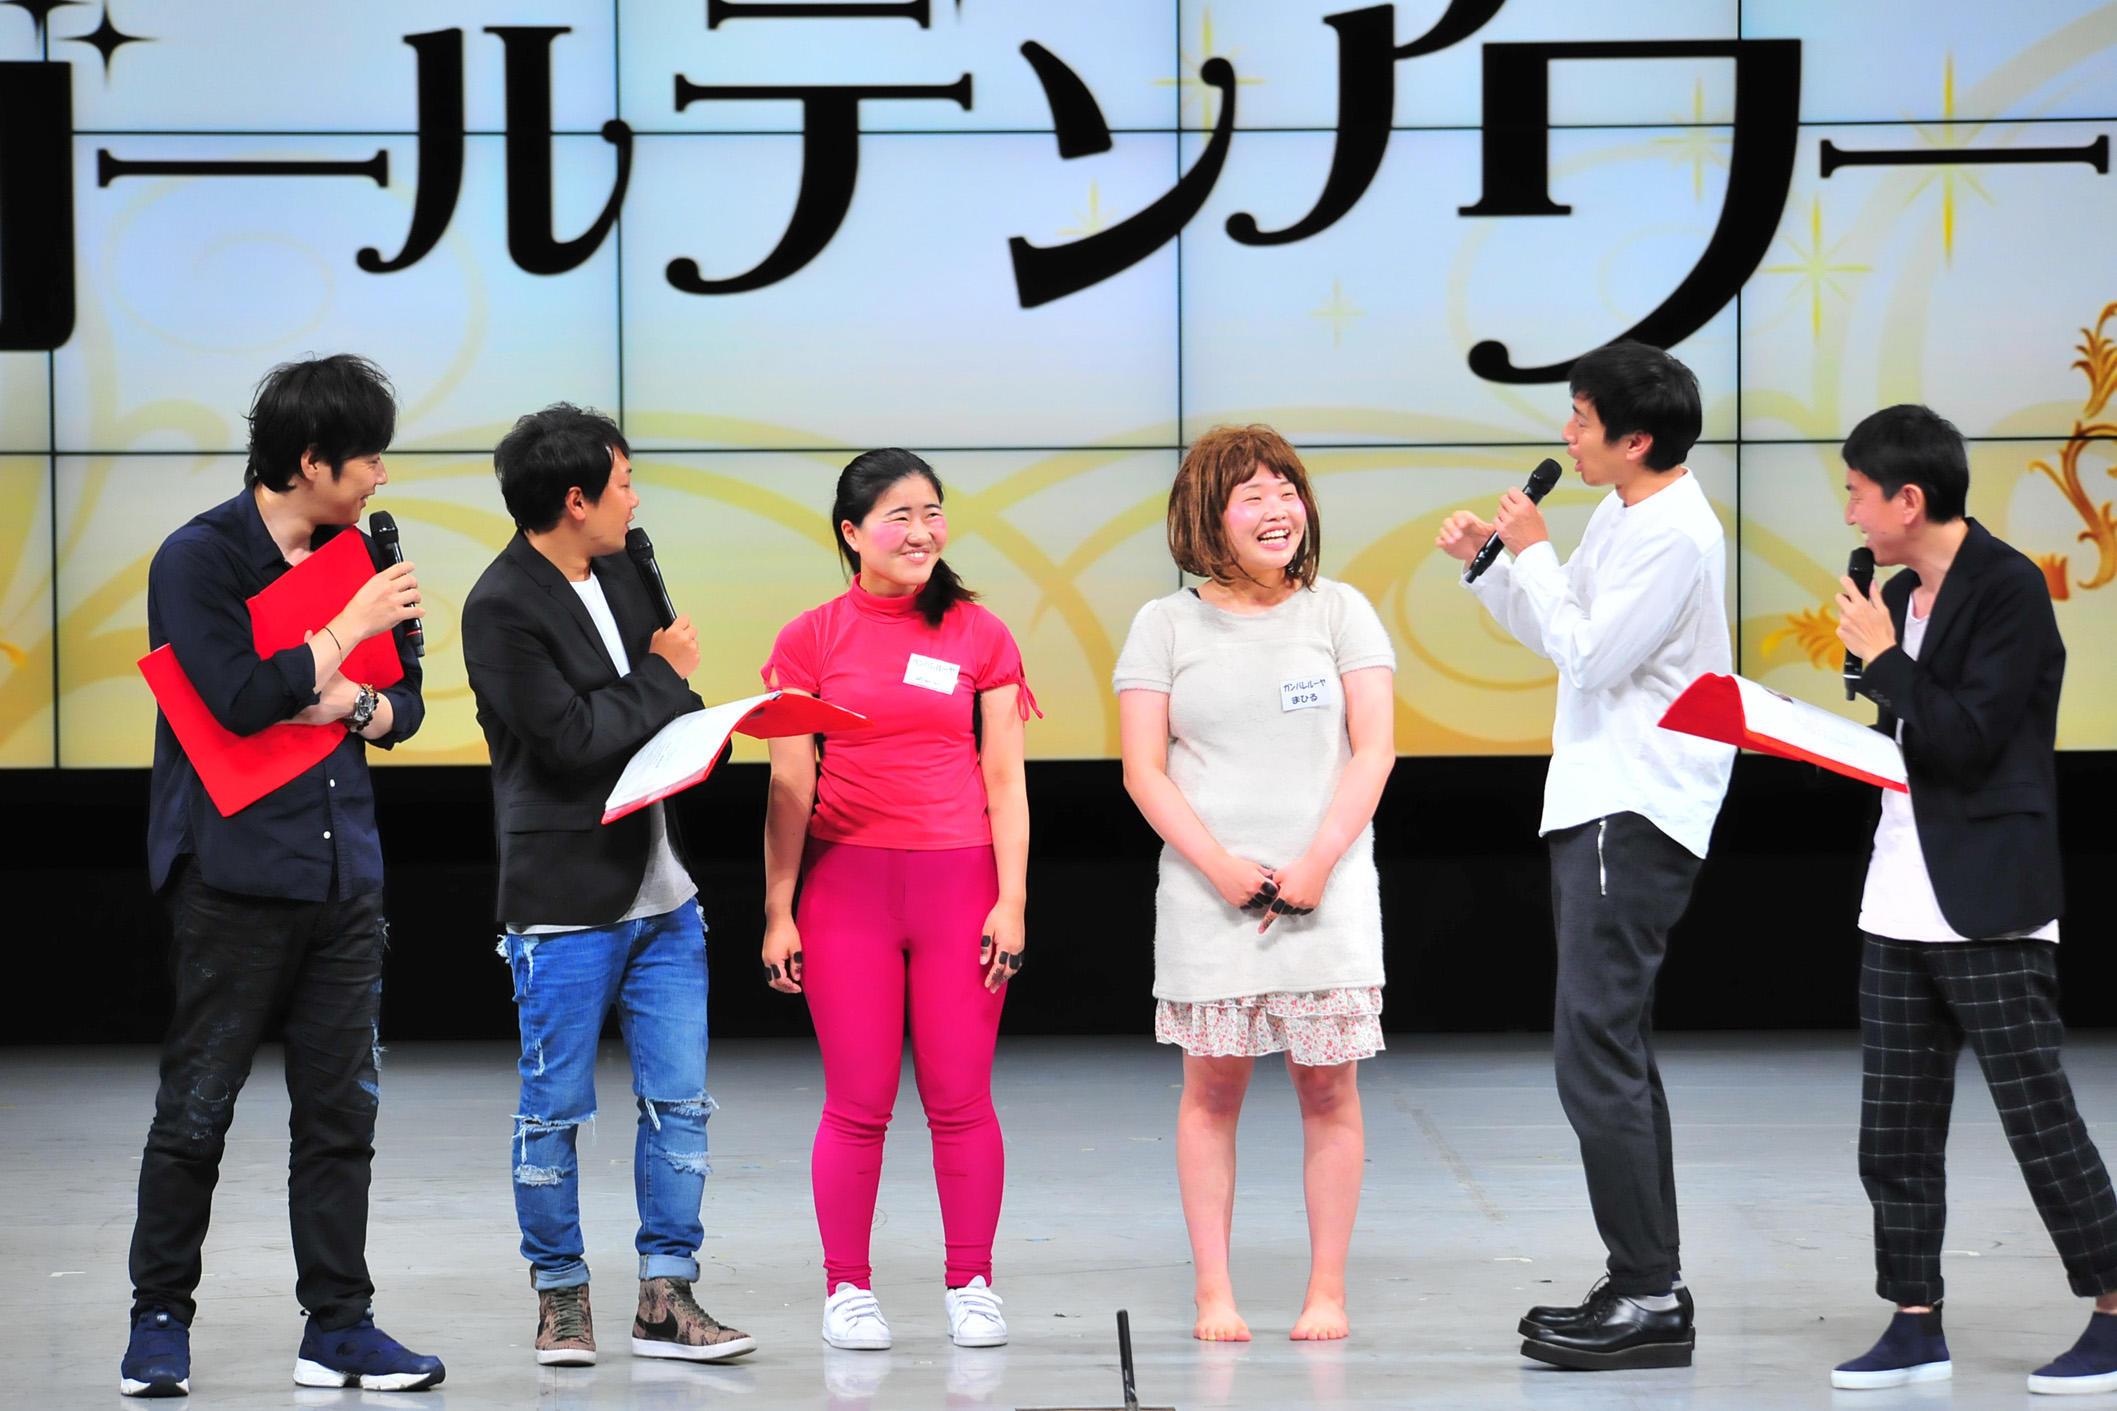 http://news.yoshimoto.co.jp/20160429204344-2c39dfa019303b32a990a1815bb9f846d6082aa2.jpg